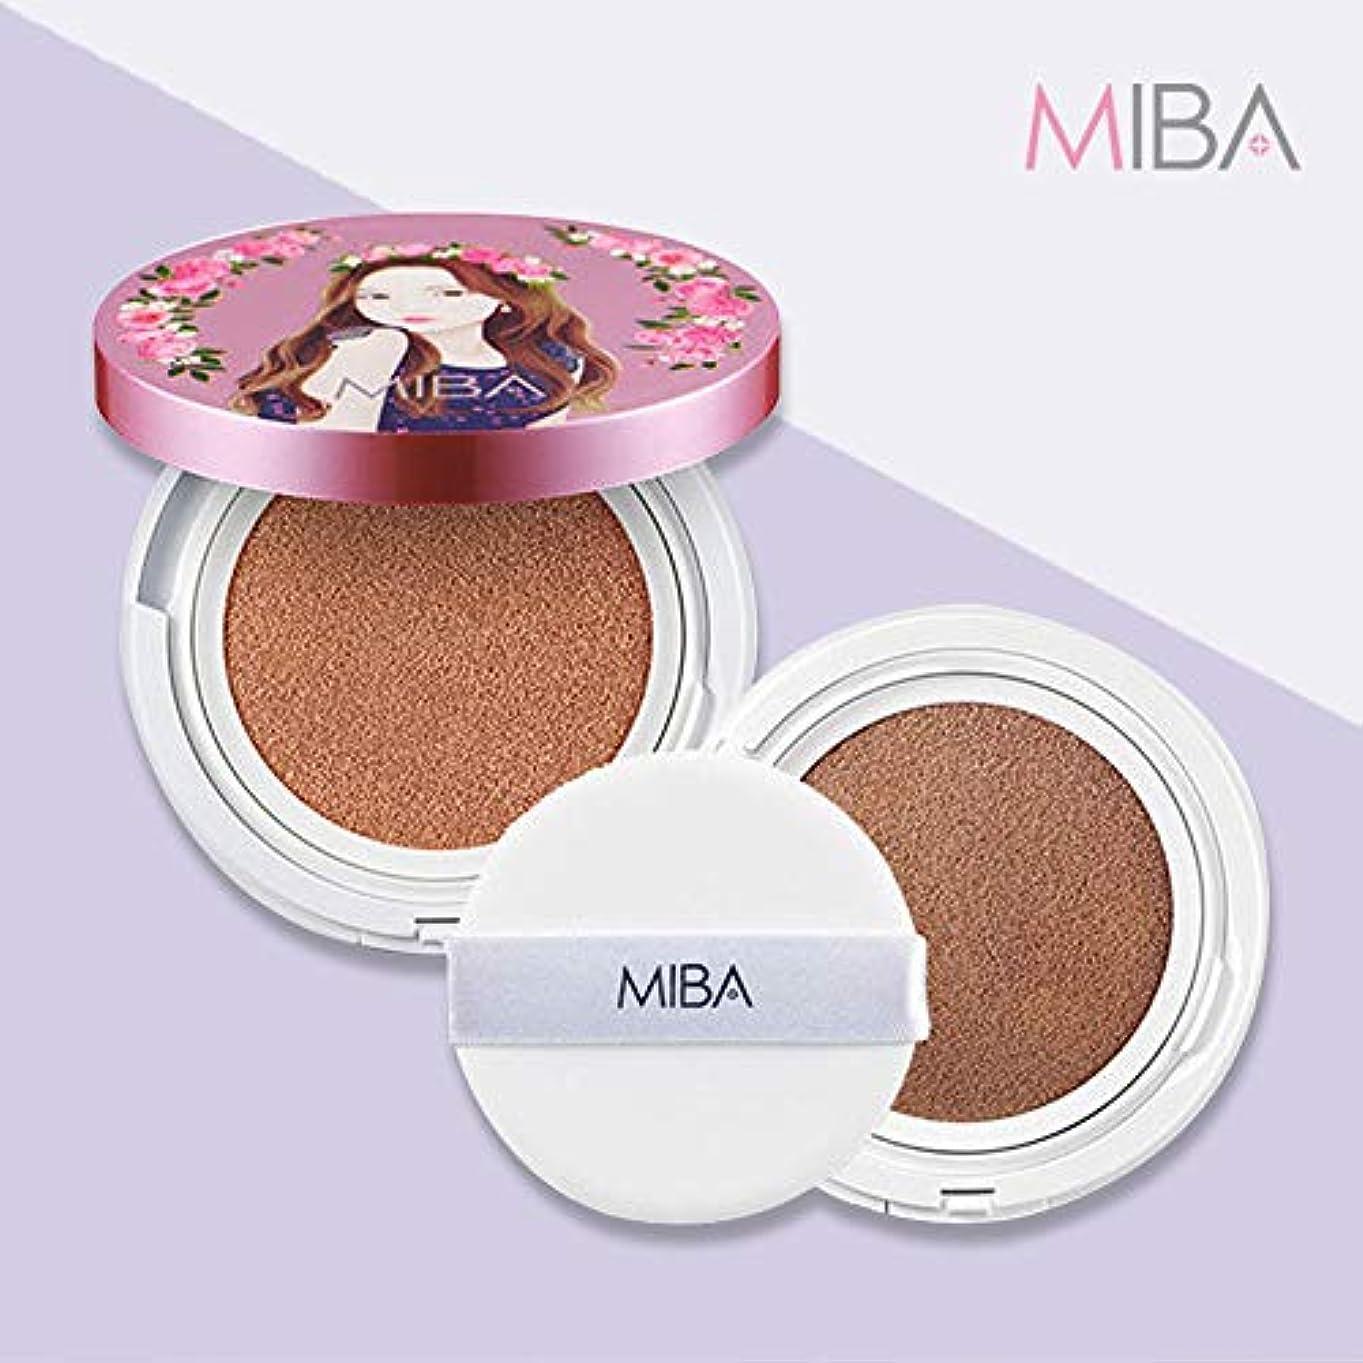 ミルク二次異常な【mineralbio】 MIBA ミバ イオンカルシウム ミネラルファンデーション ダブルクッション 本品+リフィル+パフ2枚 SPF50+/PA++++ 普通肌用 (Ion Calcium Foundation Double Cushion set 24g #23 Natural skin)